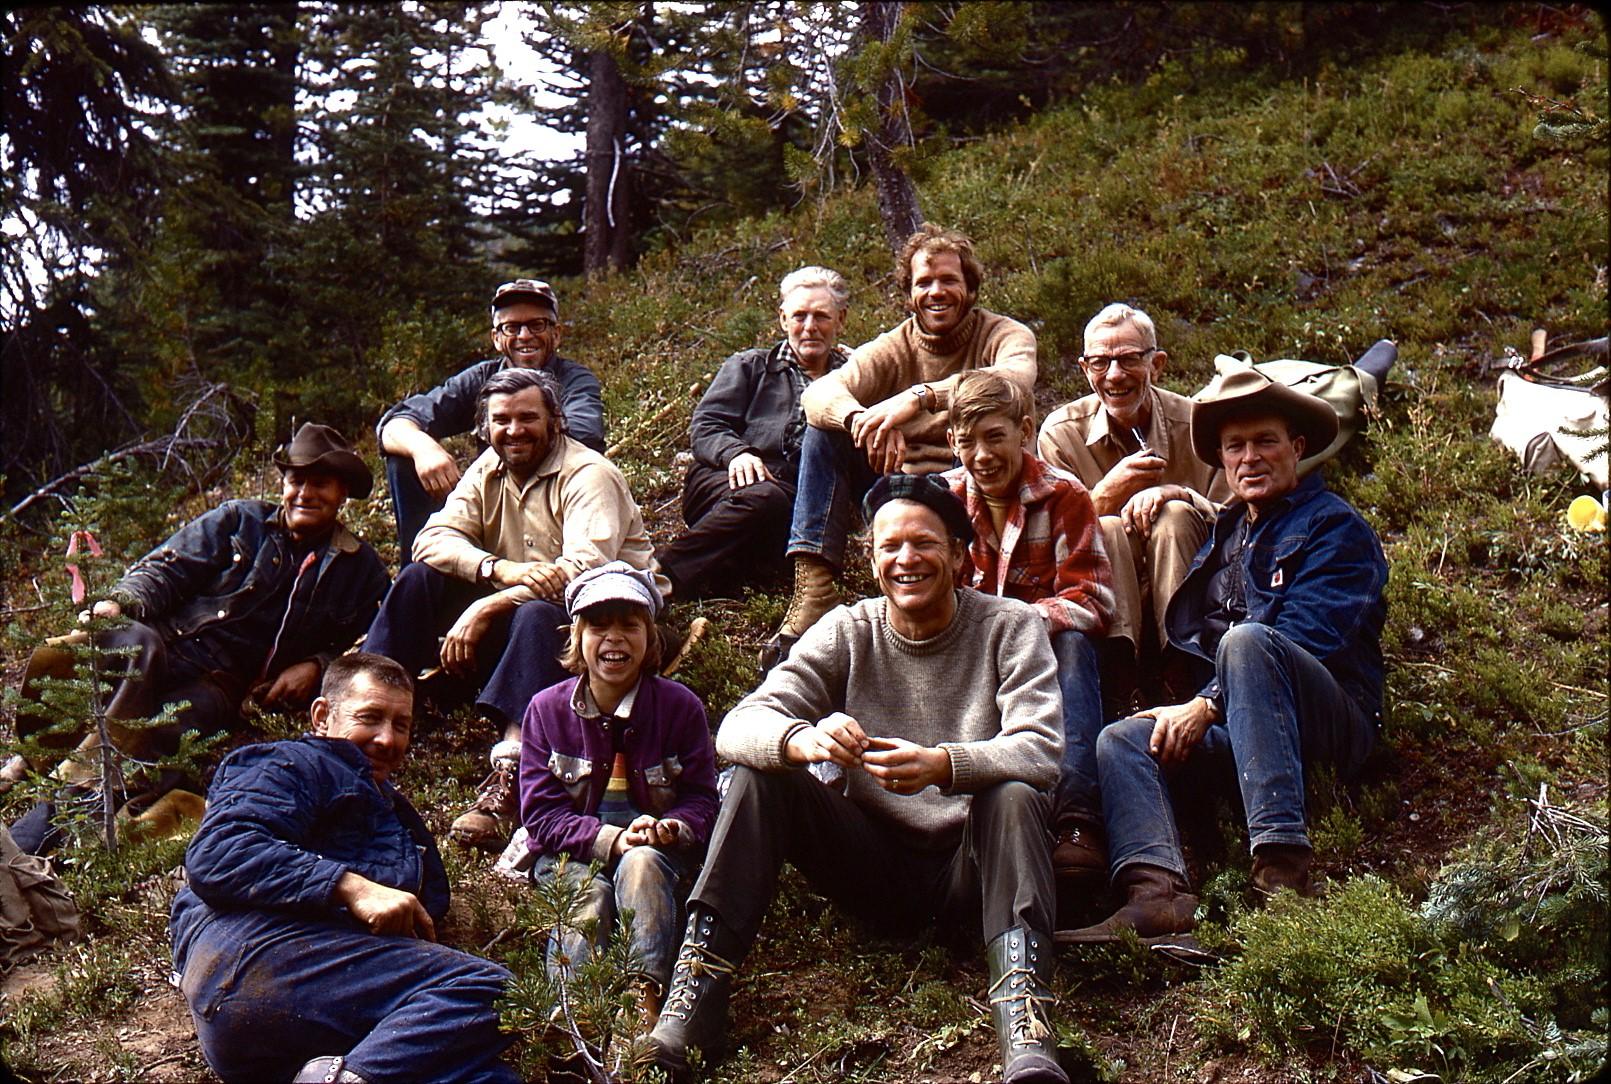 1973 Volunteers HBC Heritage Trail